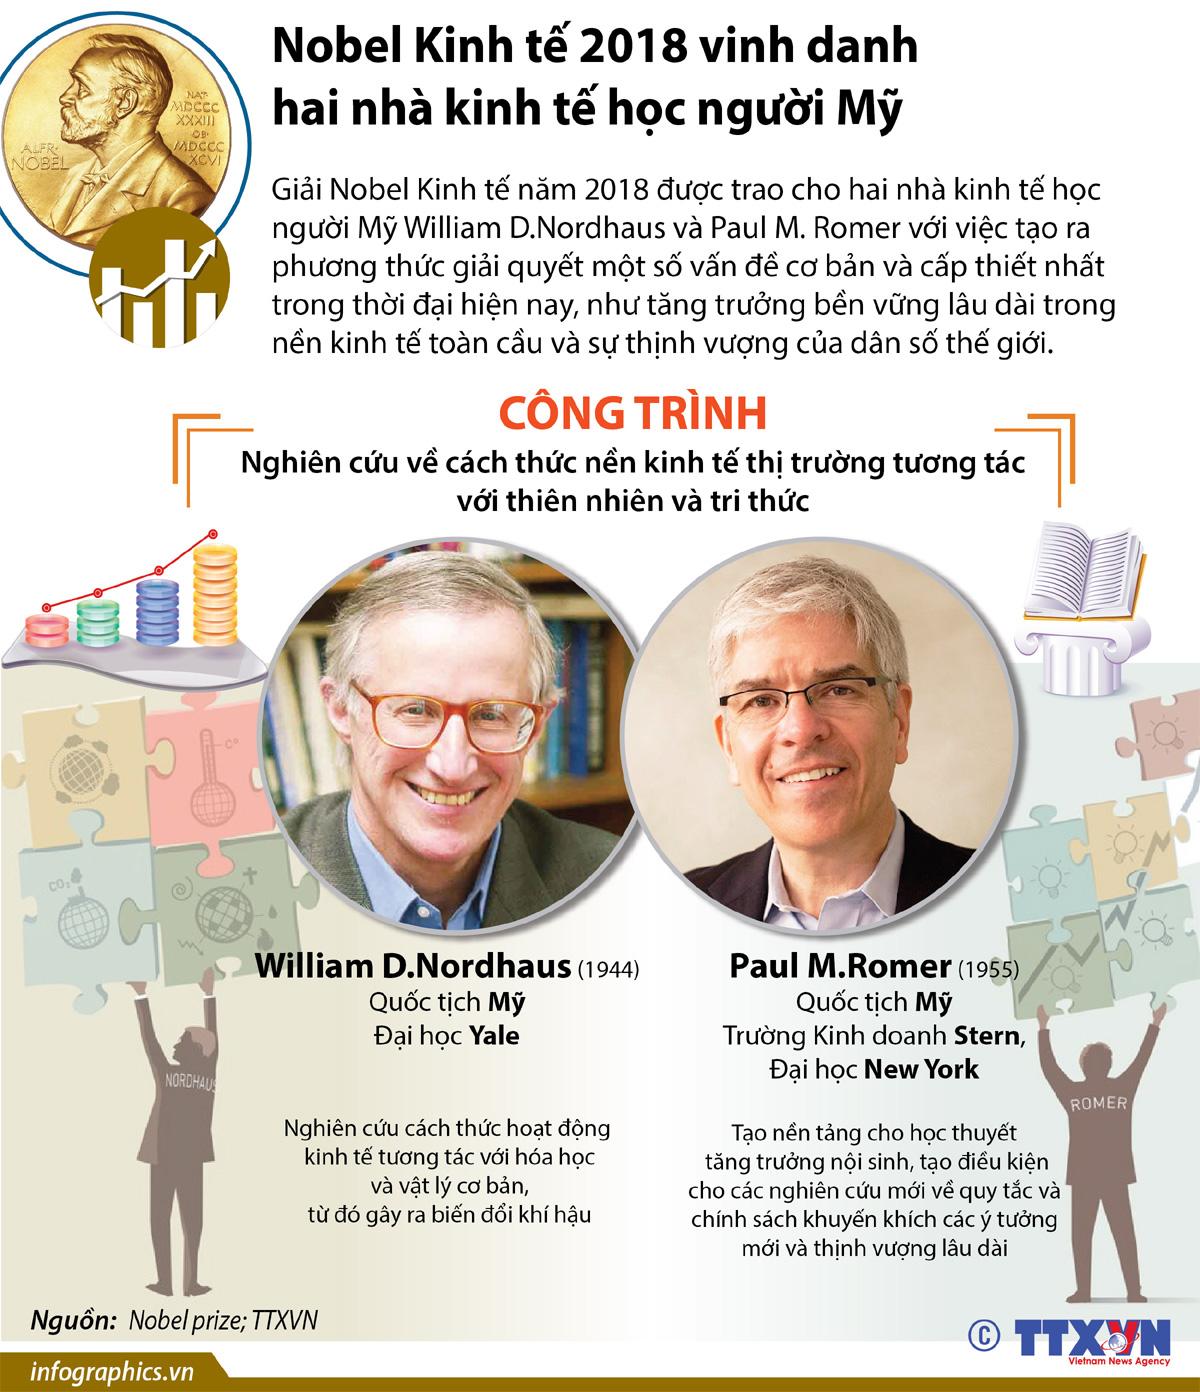 Nobel Kinh tế, William D.Nordhaus, Paul M. Romer, Giải Nobel, Nhà kinh tế học, tin tức mới nhất, tin tức 24h, tin tức thời sự, Infographics